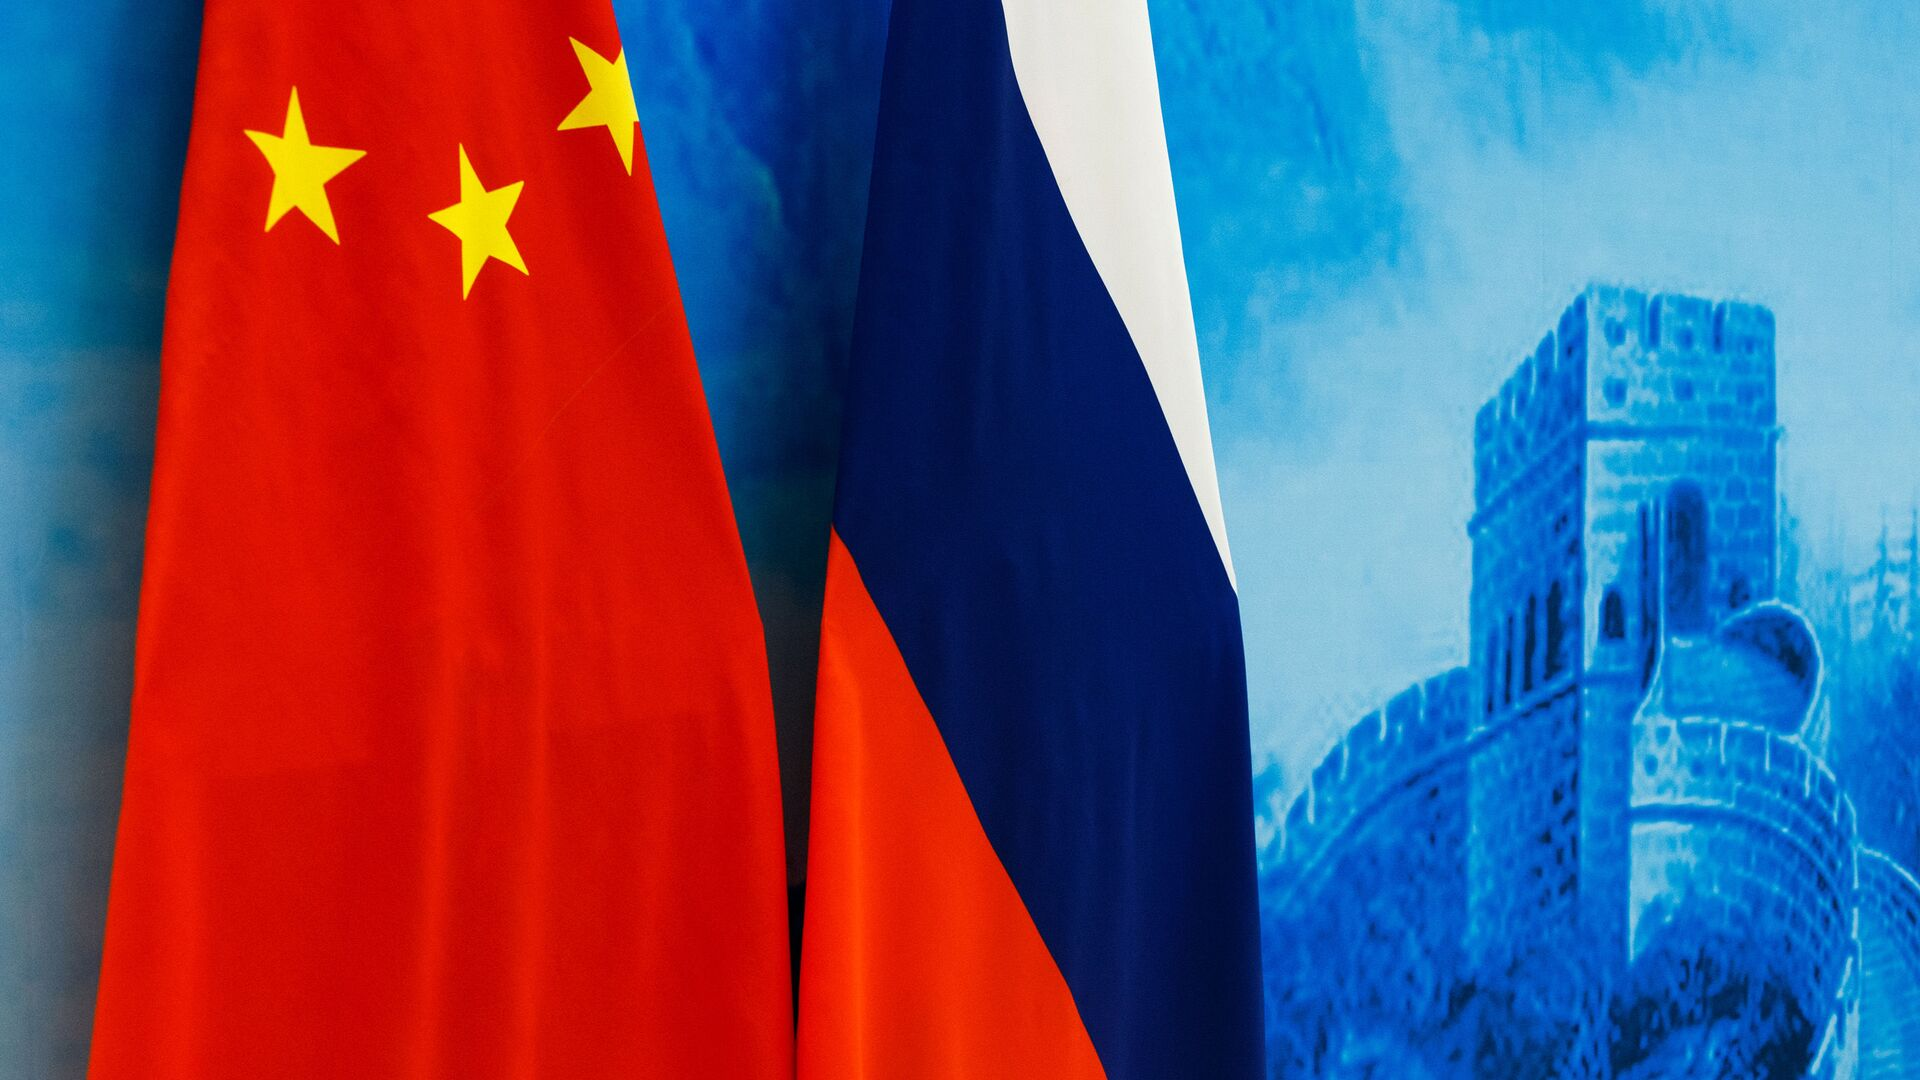 Флаги России и КНР на XXIII заседании межправительственной комиссии по военно-техническому сотрудничеству в Пекине. - Sputnik Абхазия, 1920, 10.09.2021